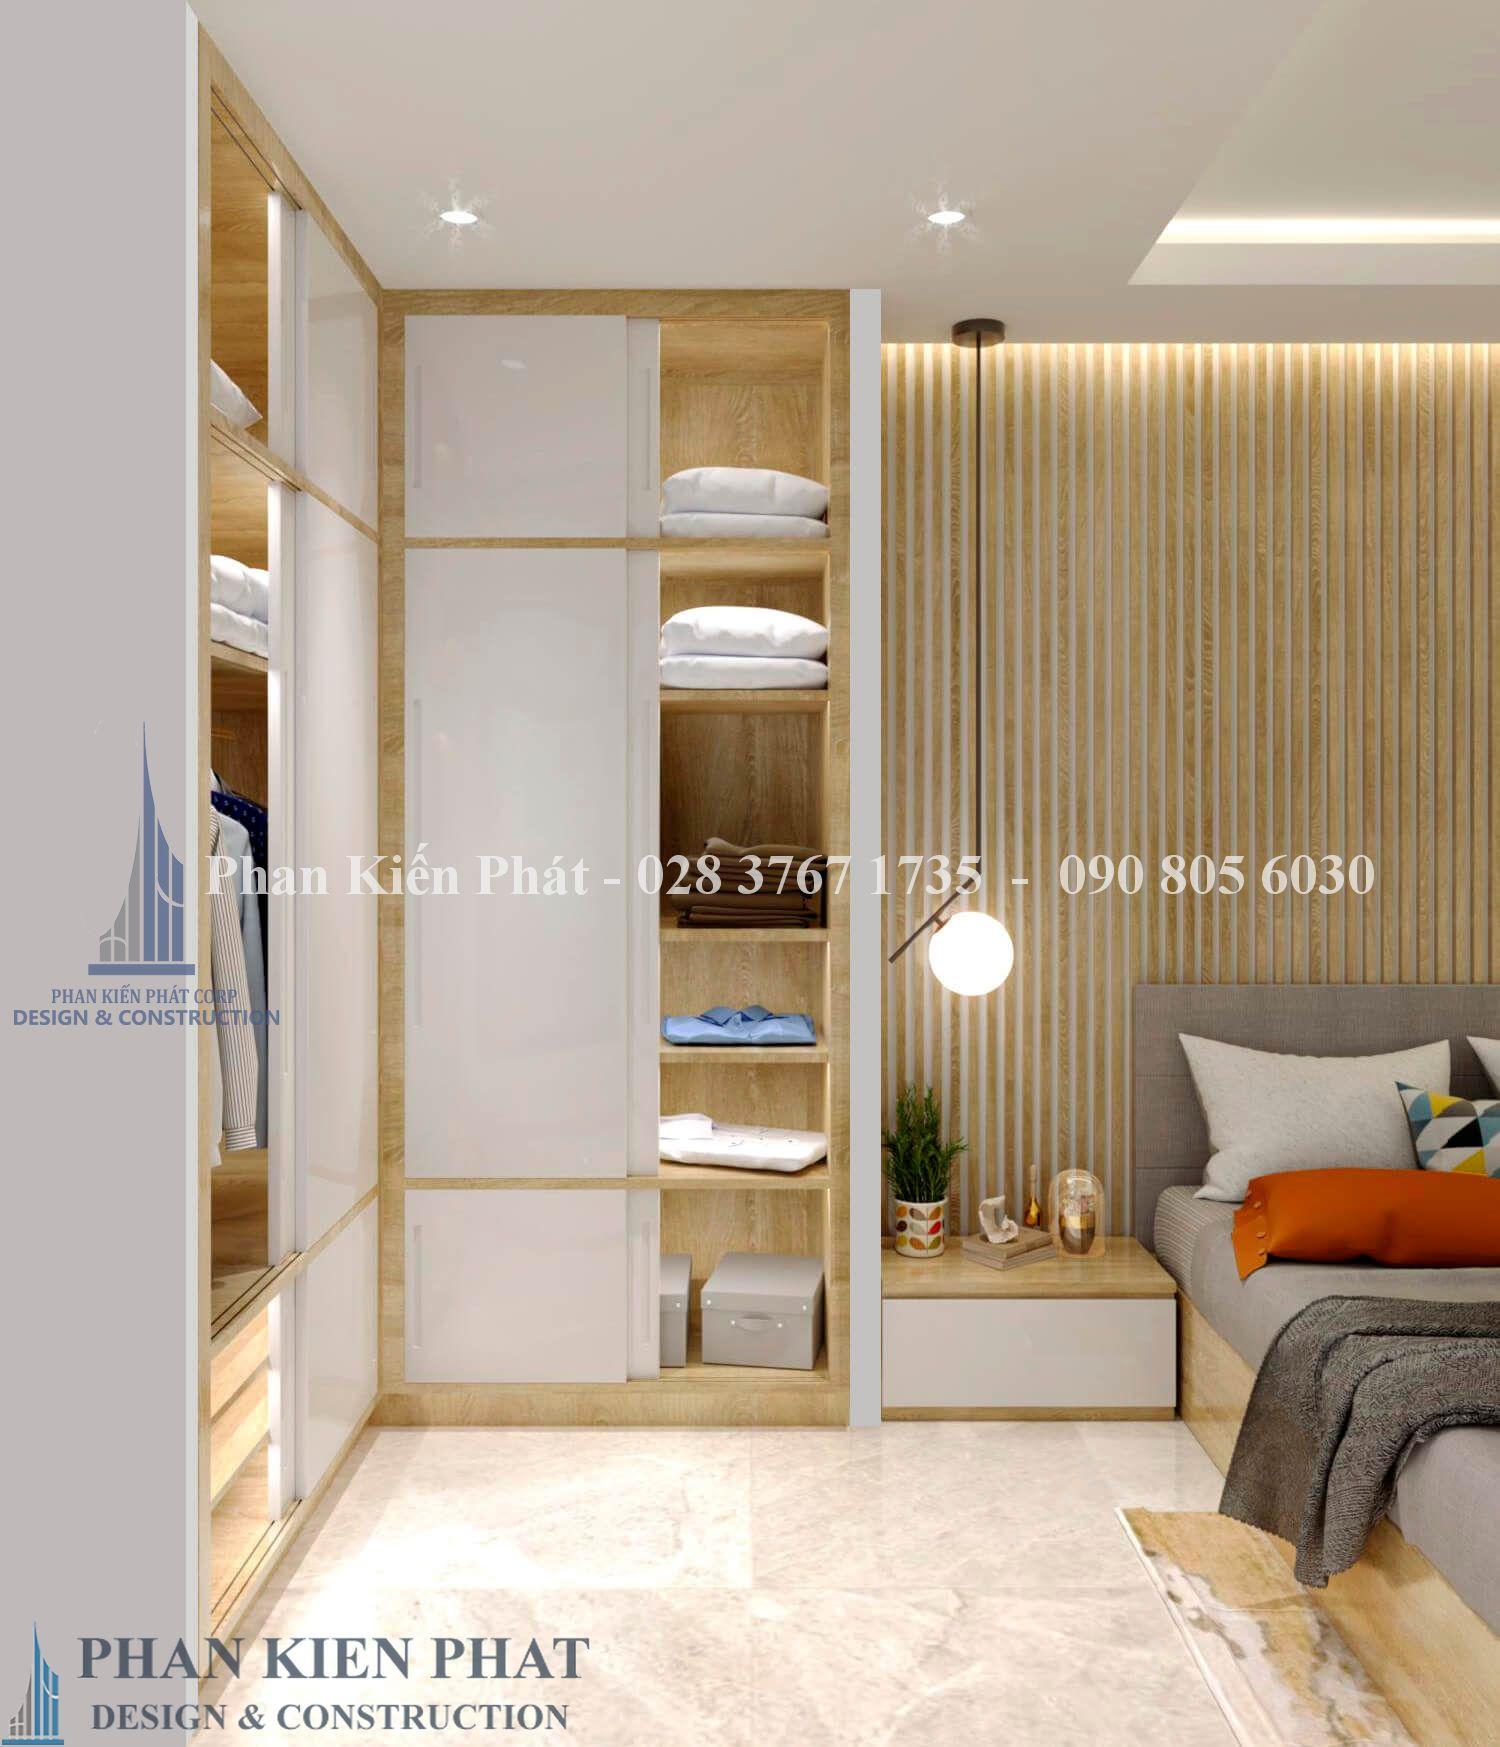 Noi That Phong Ngu Master View 3